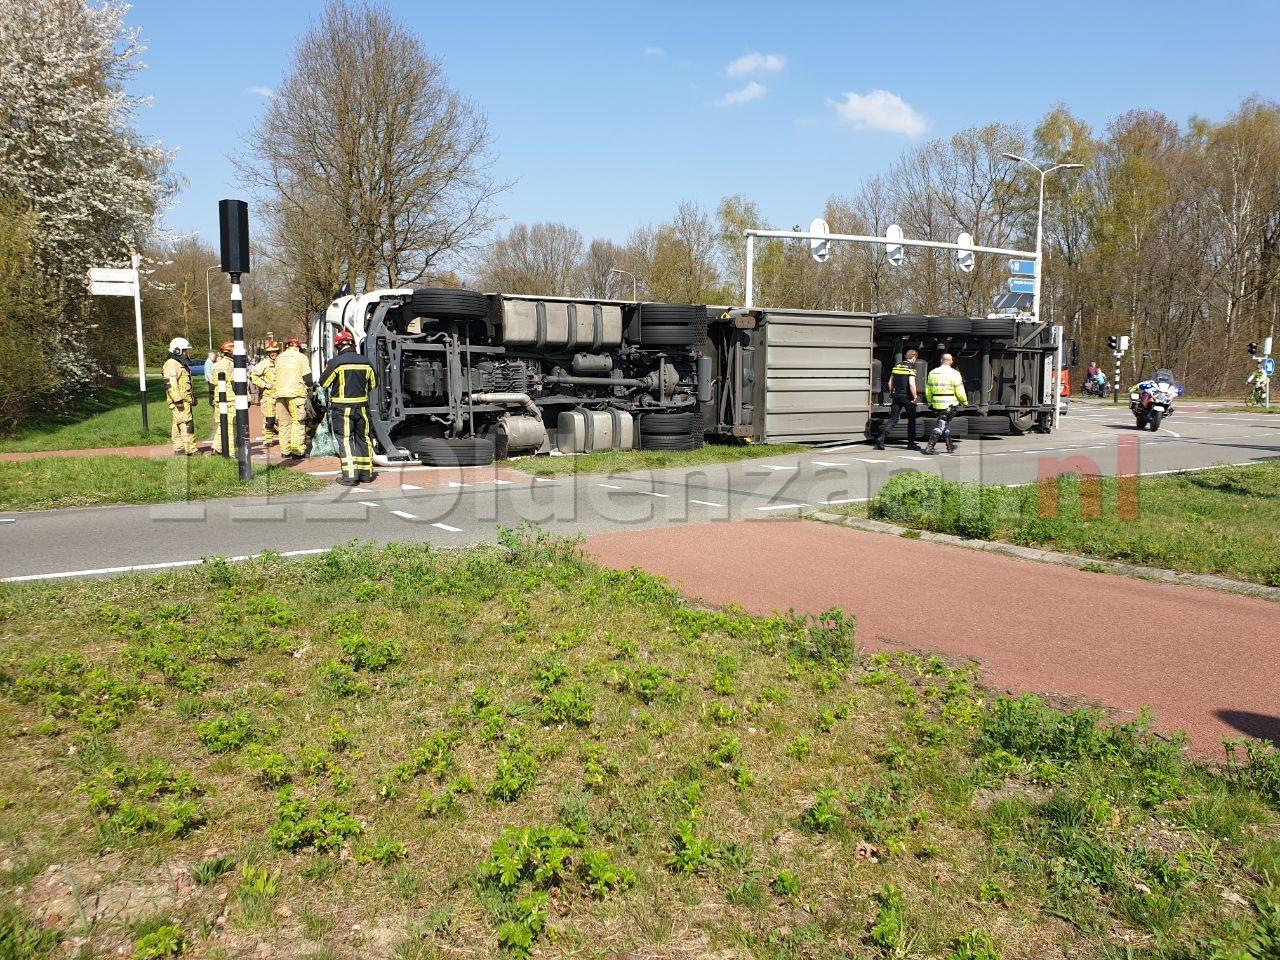 Foto: Grote verkeershinder op Oldenzaalsestraat Hengelo door gekantelde vrachtwagen